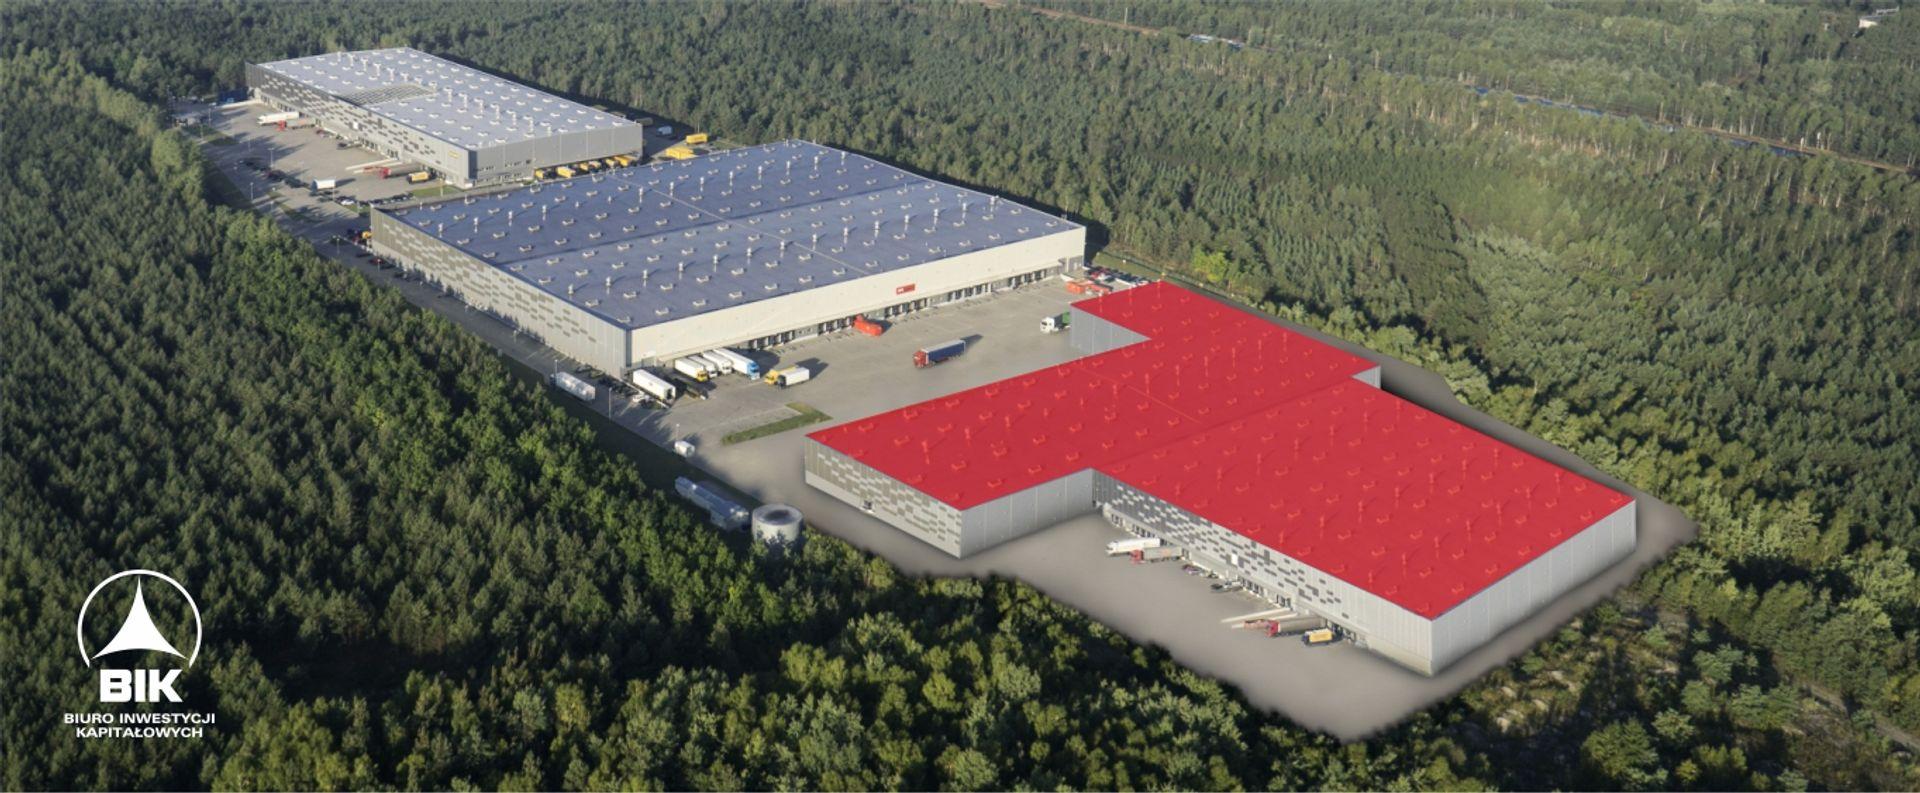 [śląskie] Śląskie Centrum Logistyczne wzbogaci się o cross-dock